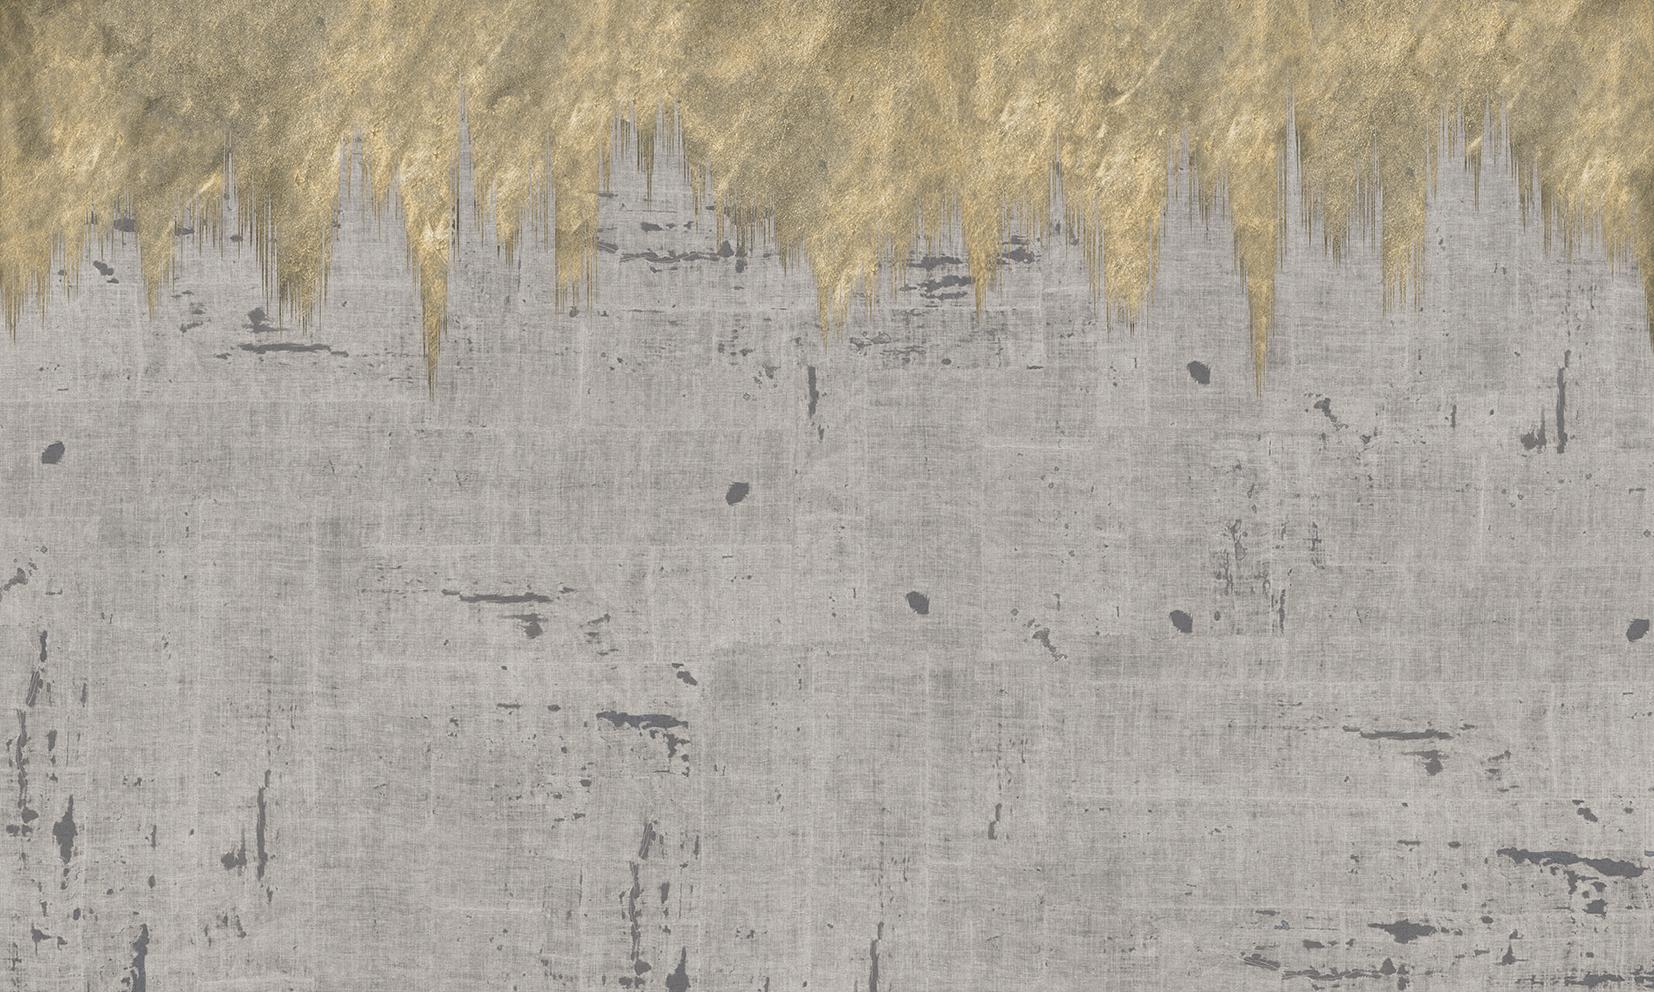 van-sand-mural-15015